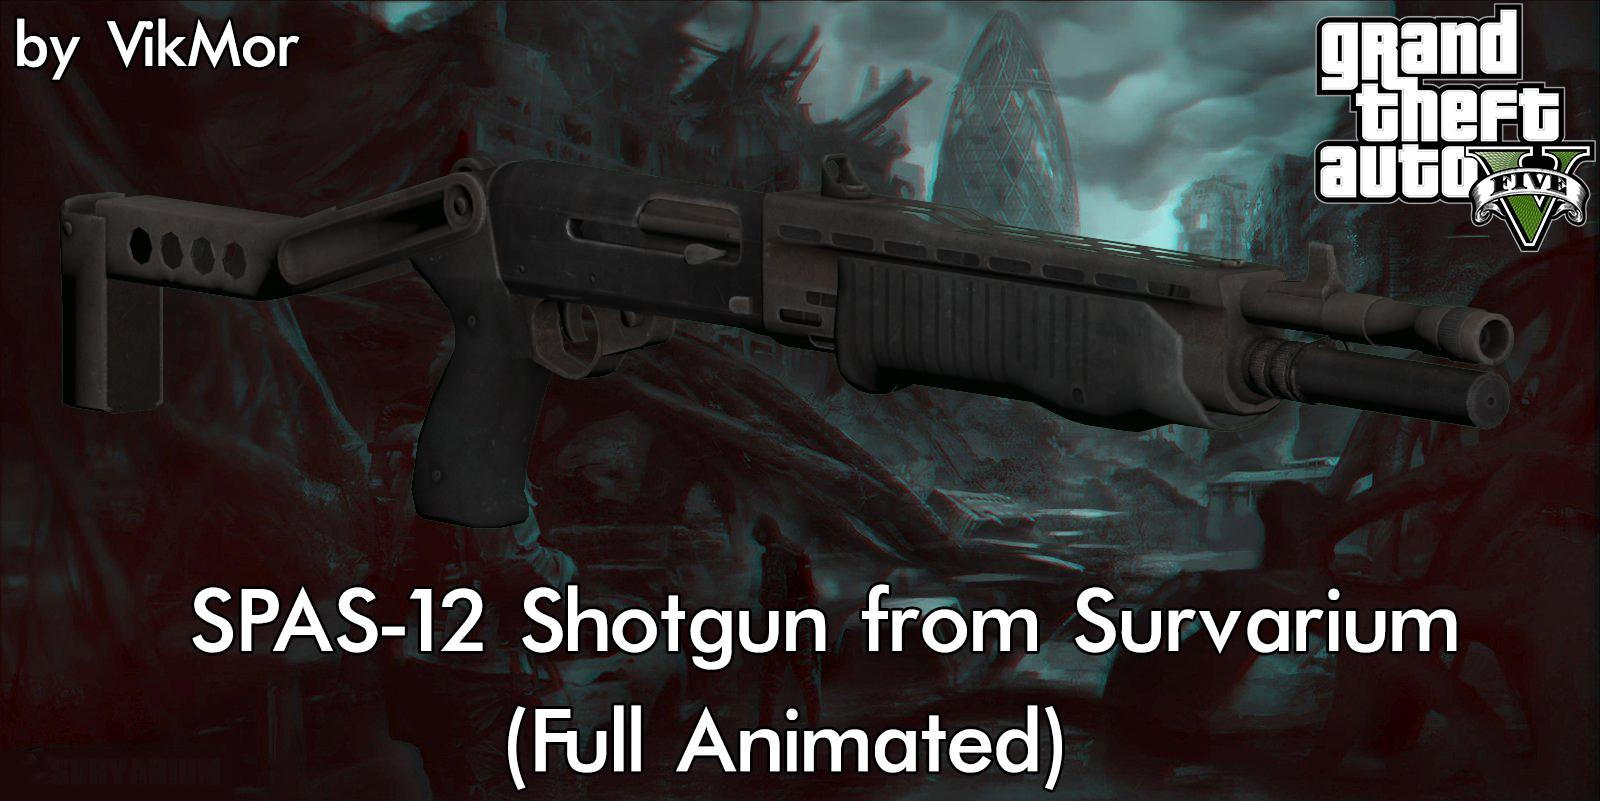 Survarium SPAS-12 Shotgun [Full Animated] - GTA5-Mods.com